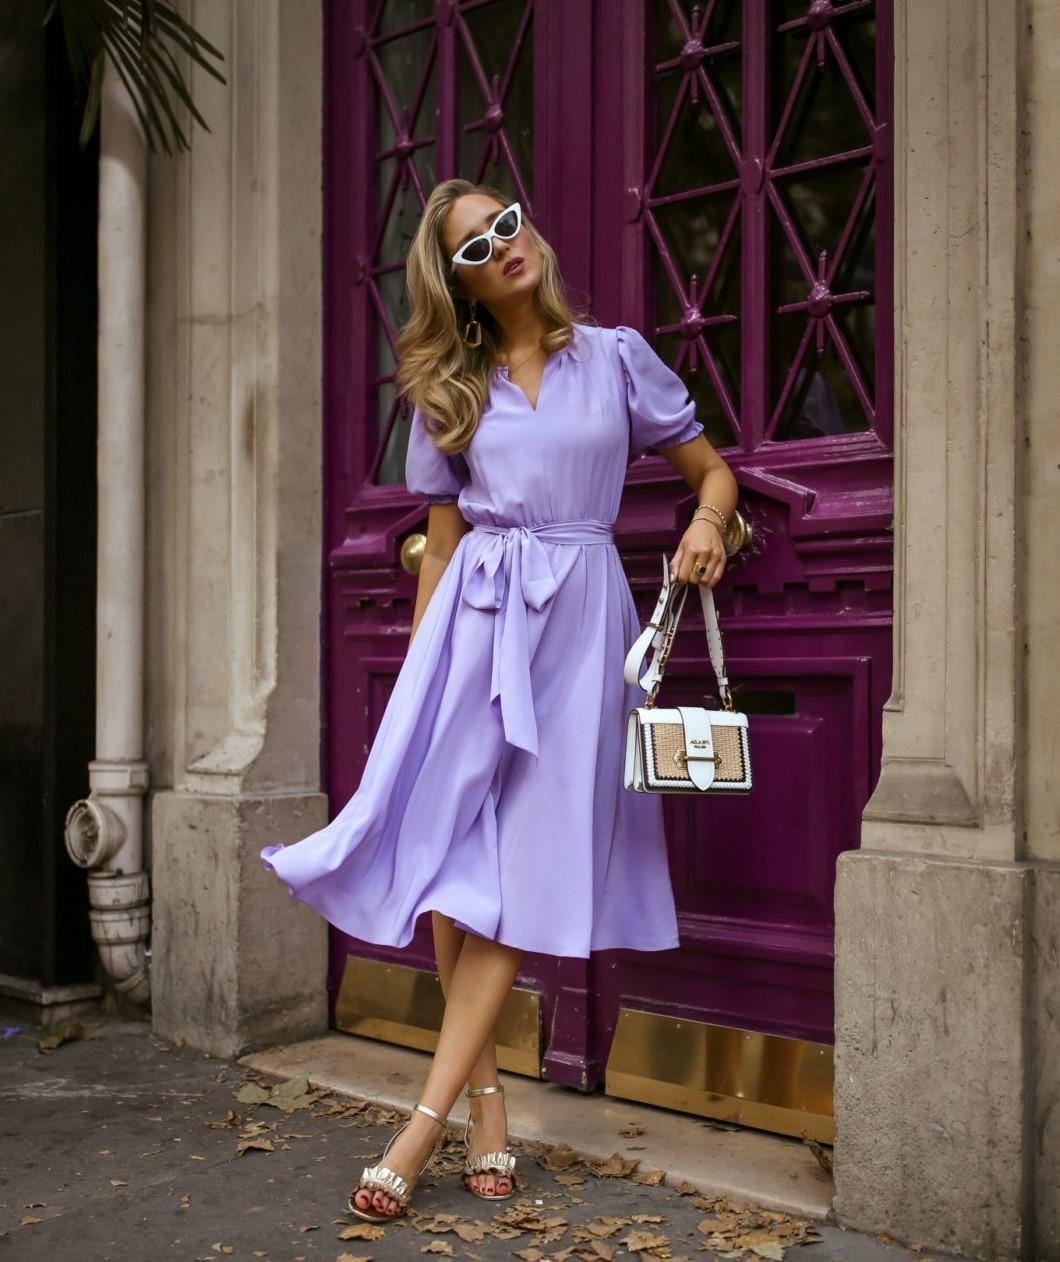 Faites de la couleur lilas le point central de votre look en portant une seule pièce audacieuse.